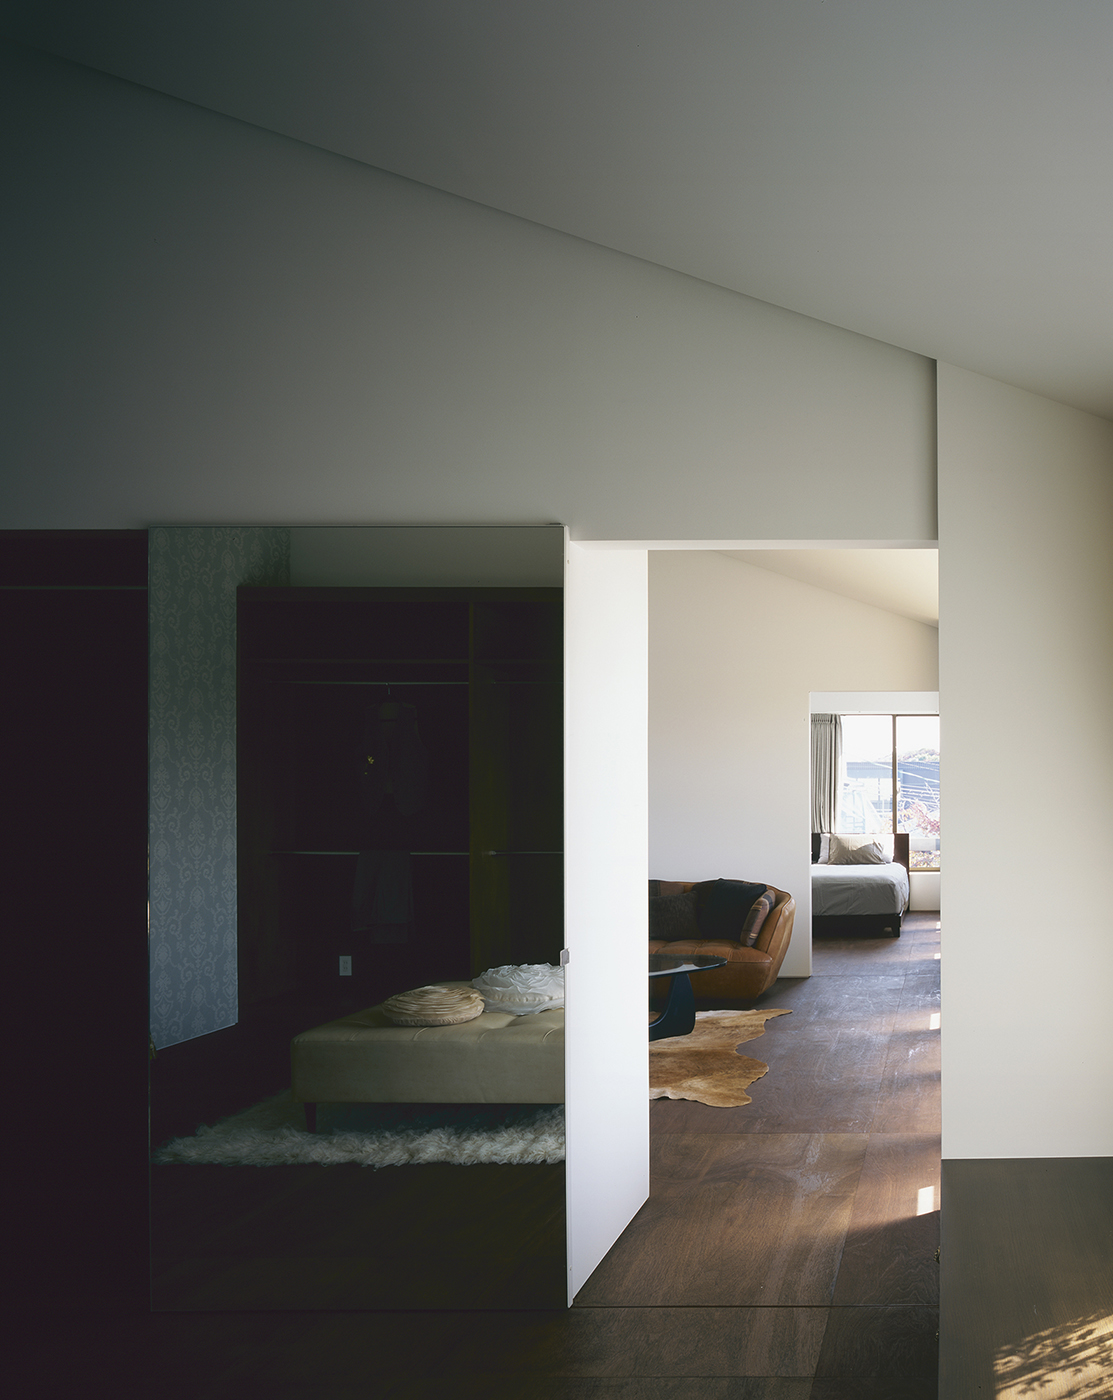 クロークルーム、RC住宅2世帯リノベーション